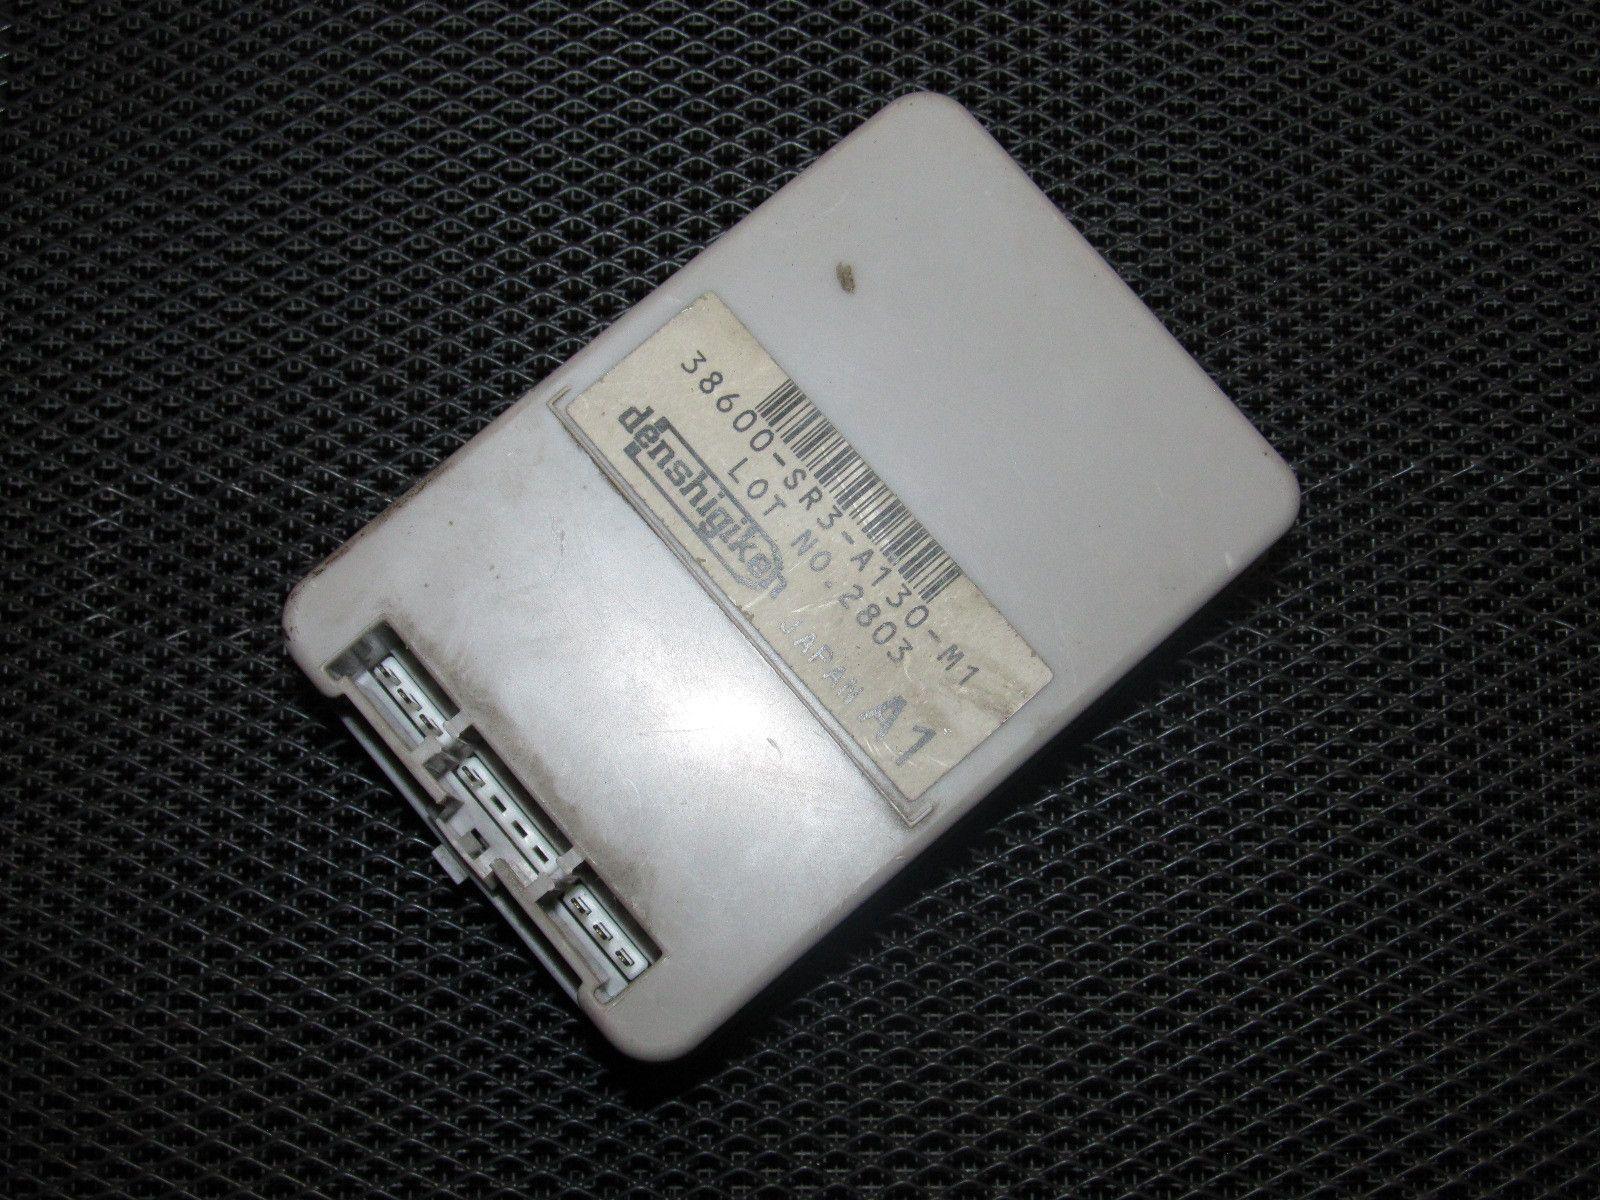 93-97 honda del sol fuse box integration unit 38600-sr3-a130-m1